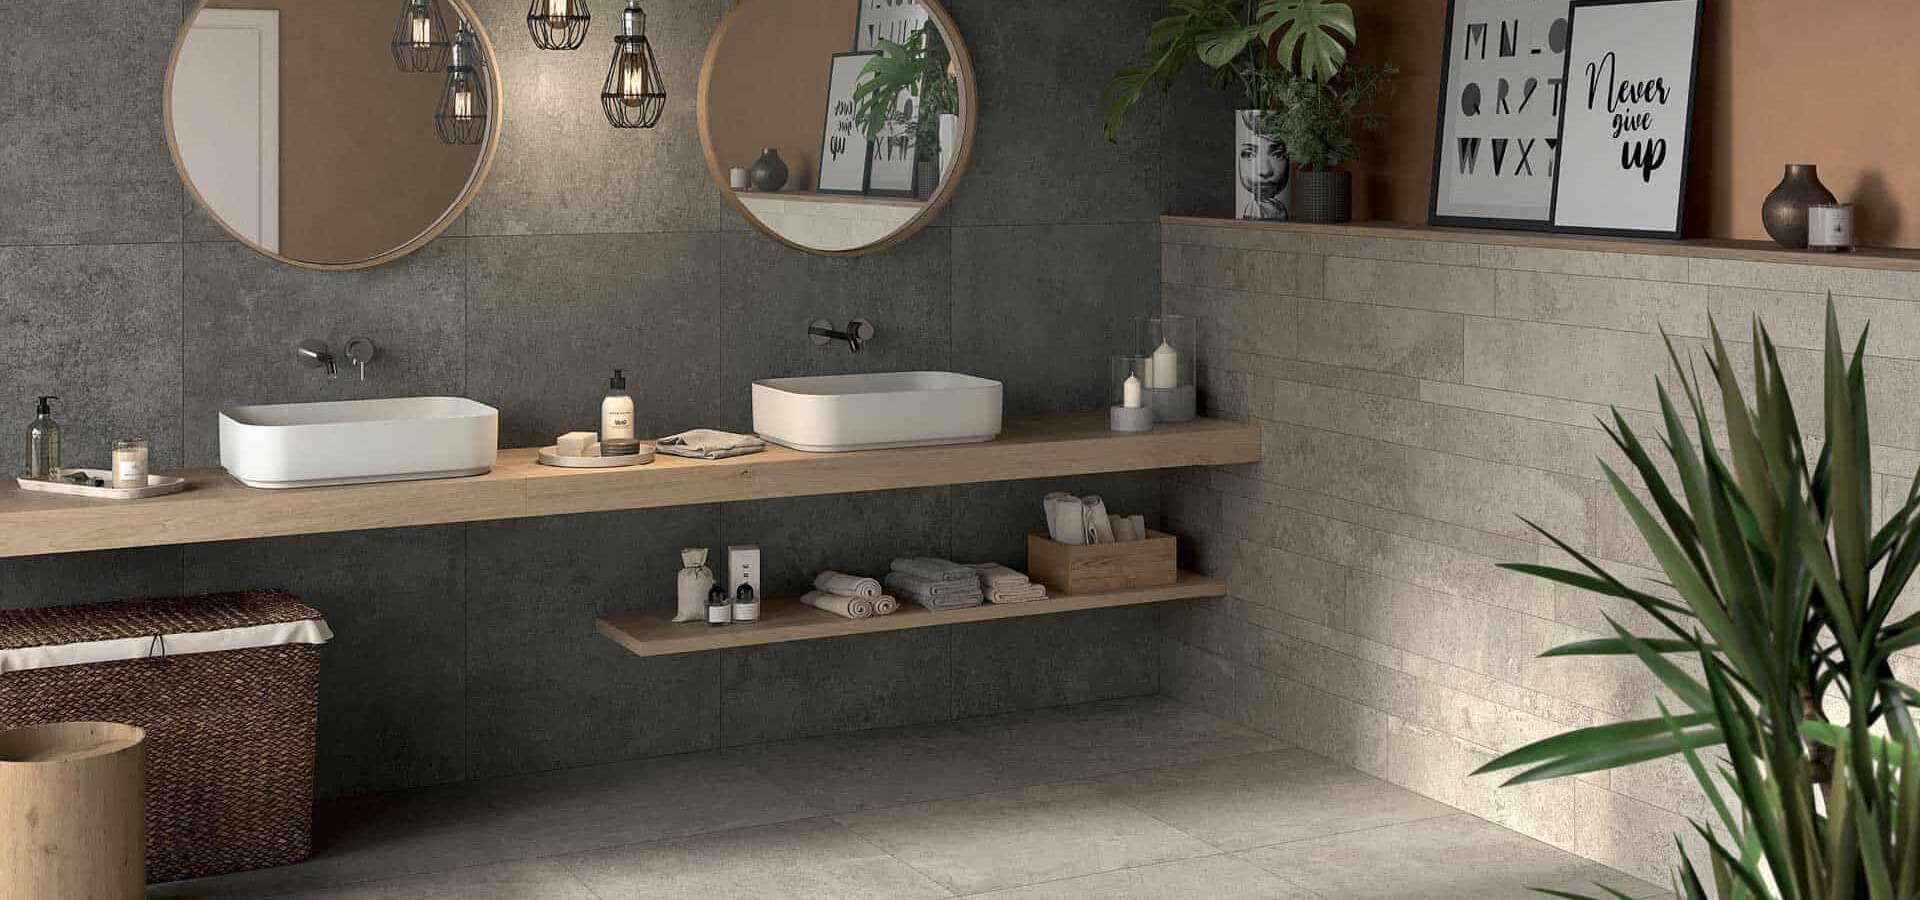 Cerbis Ceramics SA bathroom tiles